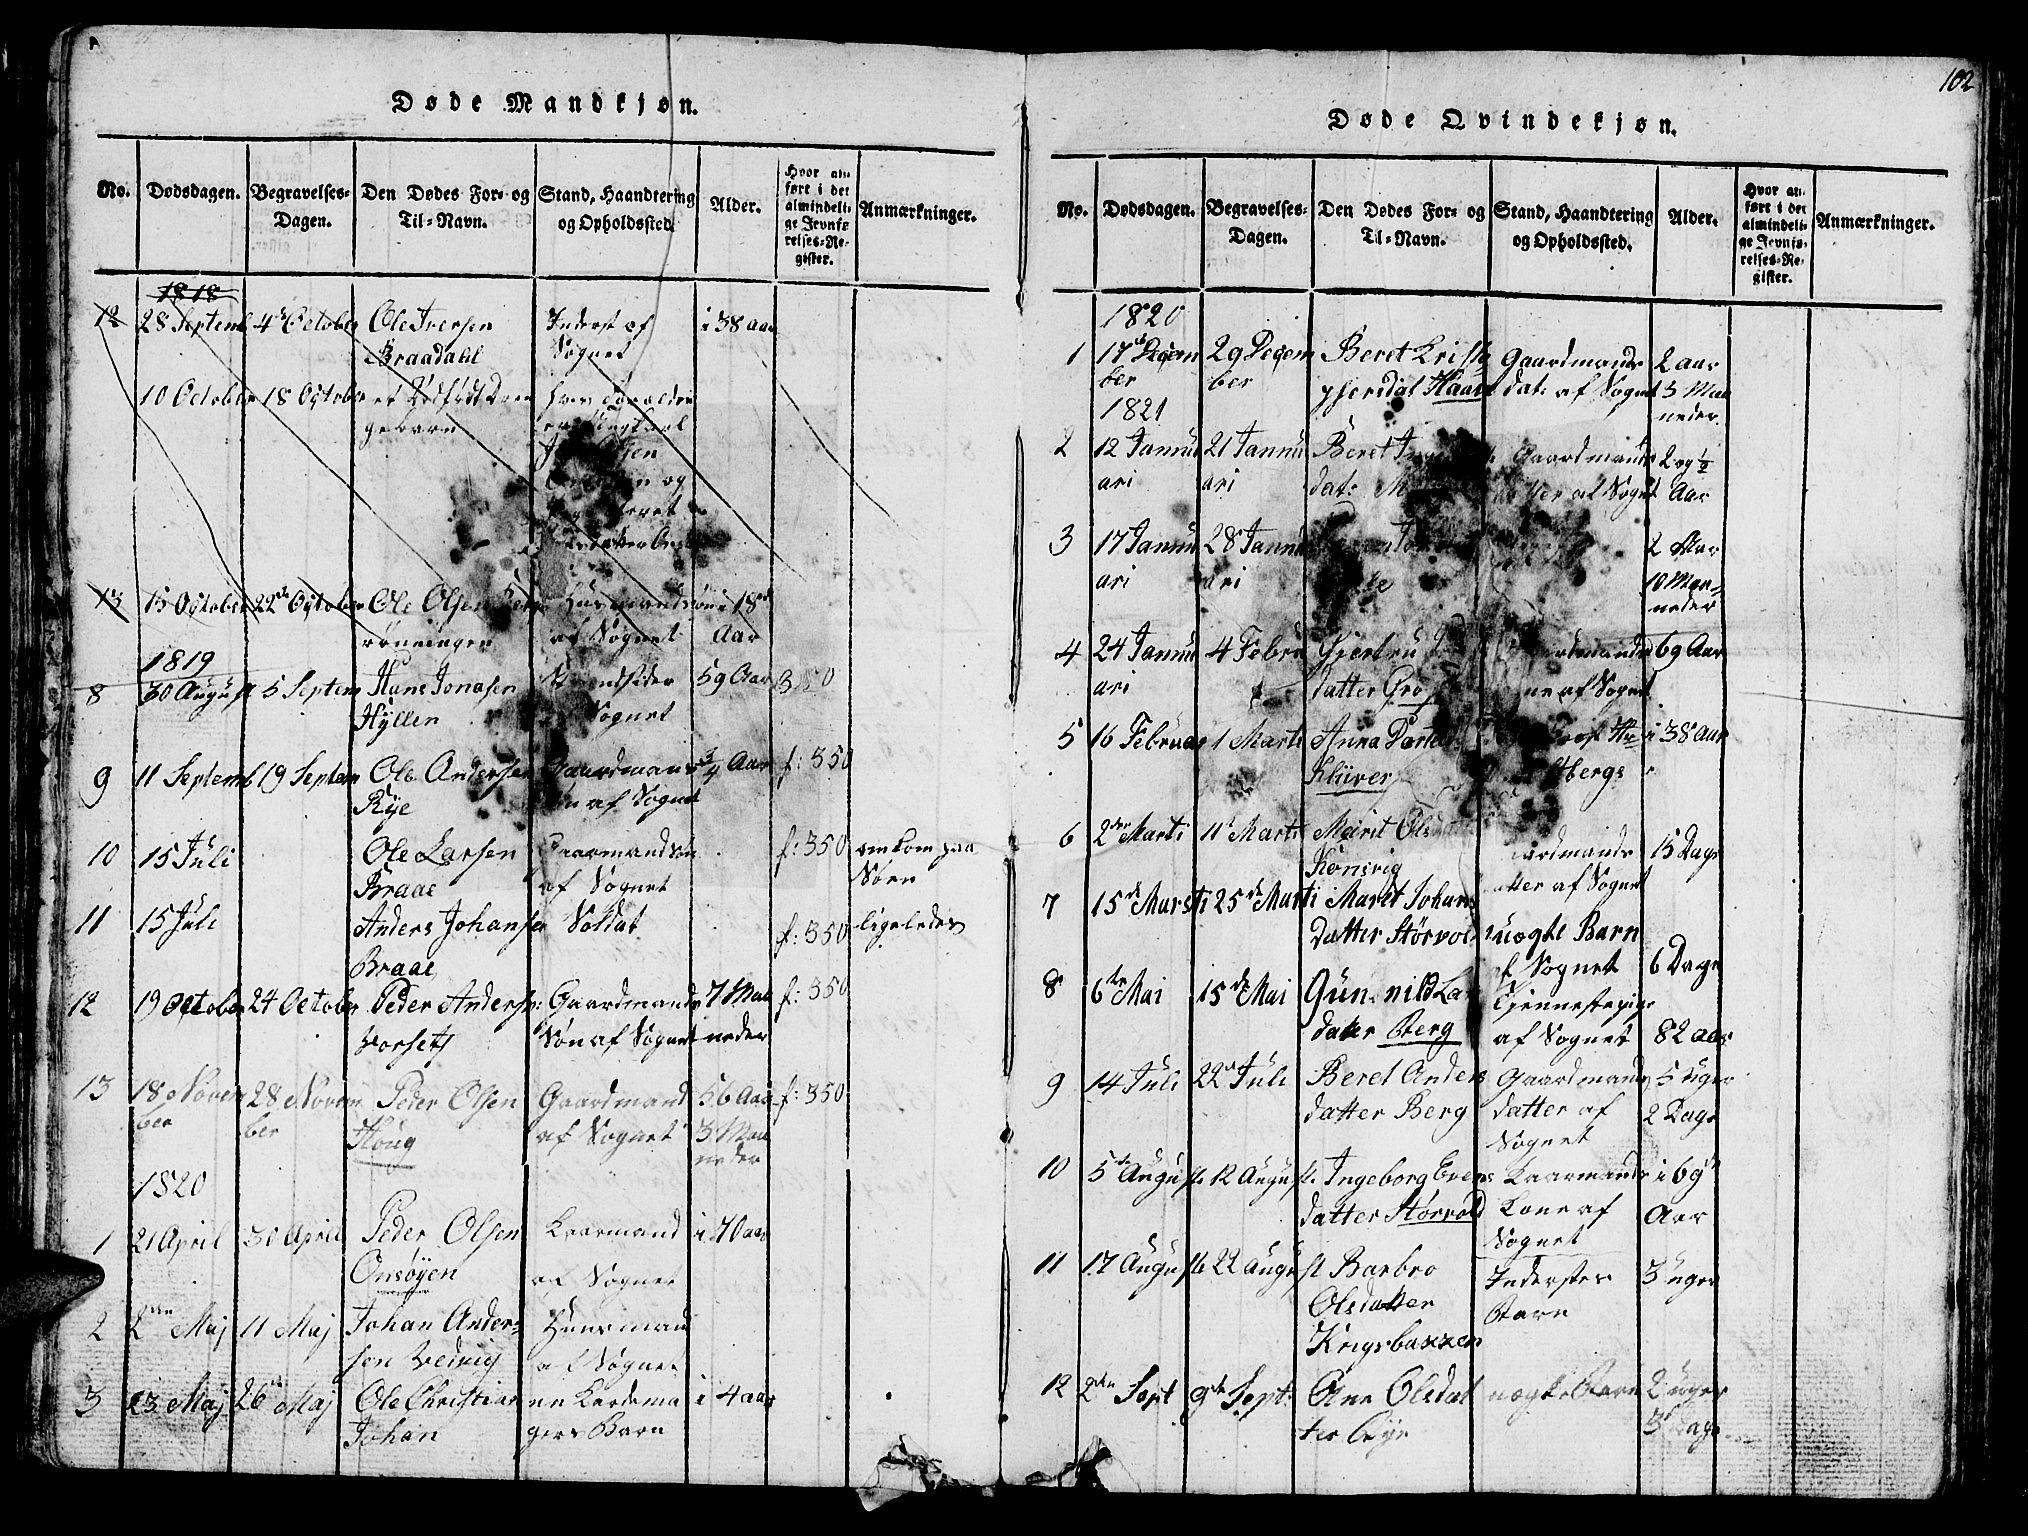 SAT, Ministerialprotokoller, klokkerbøker og fødselsregistre - Sør-Trøndelag, 612/L0385: Klokkerbok nr. 612C01, 1816-1845, s. 102